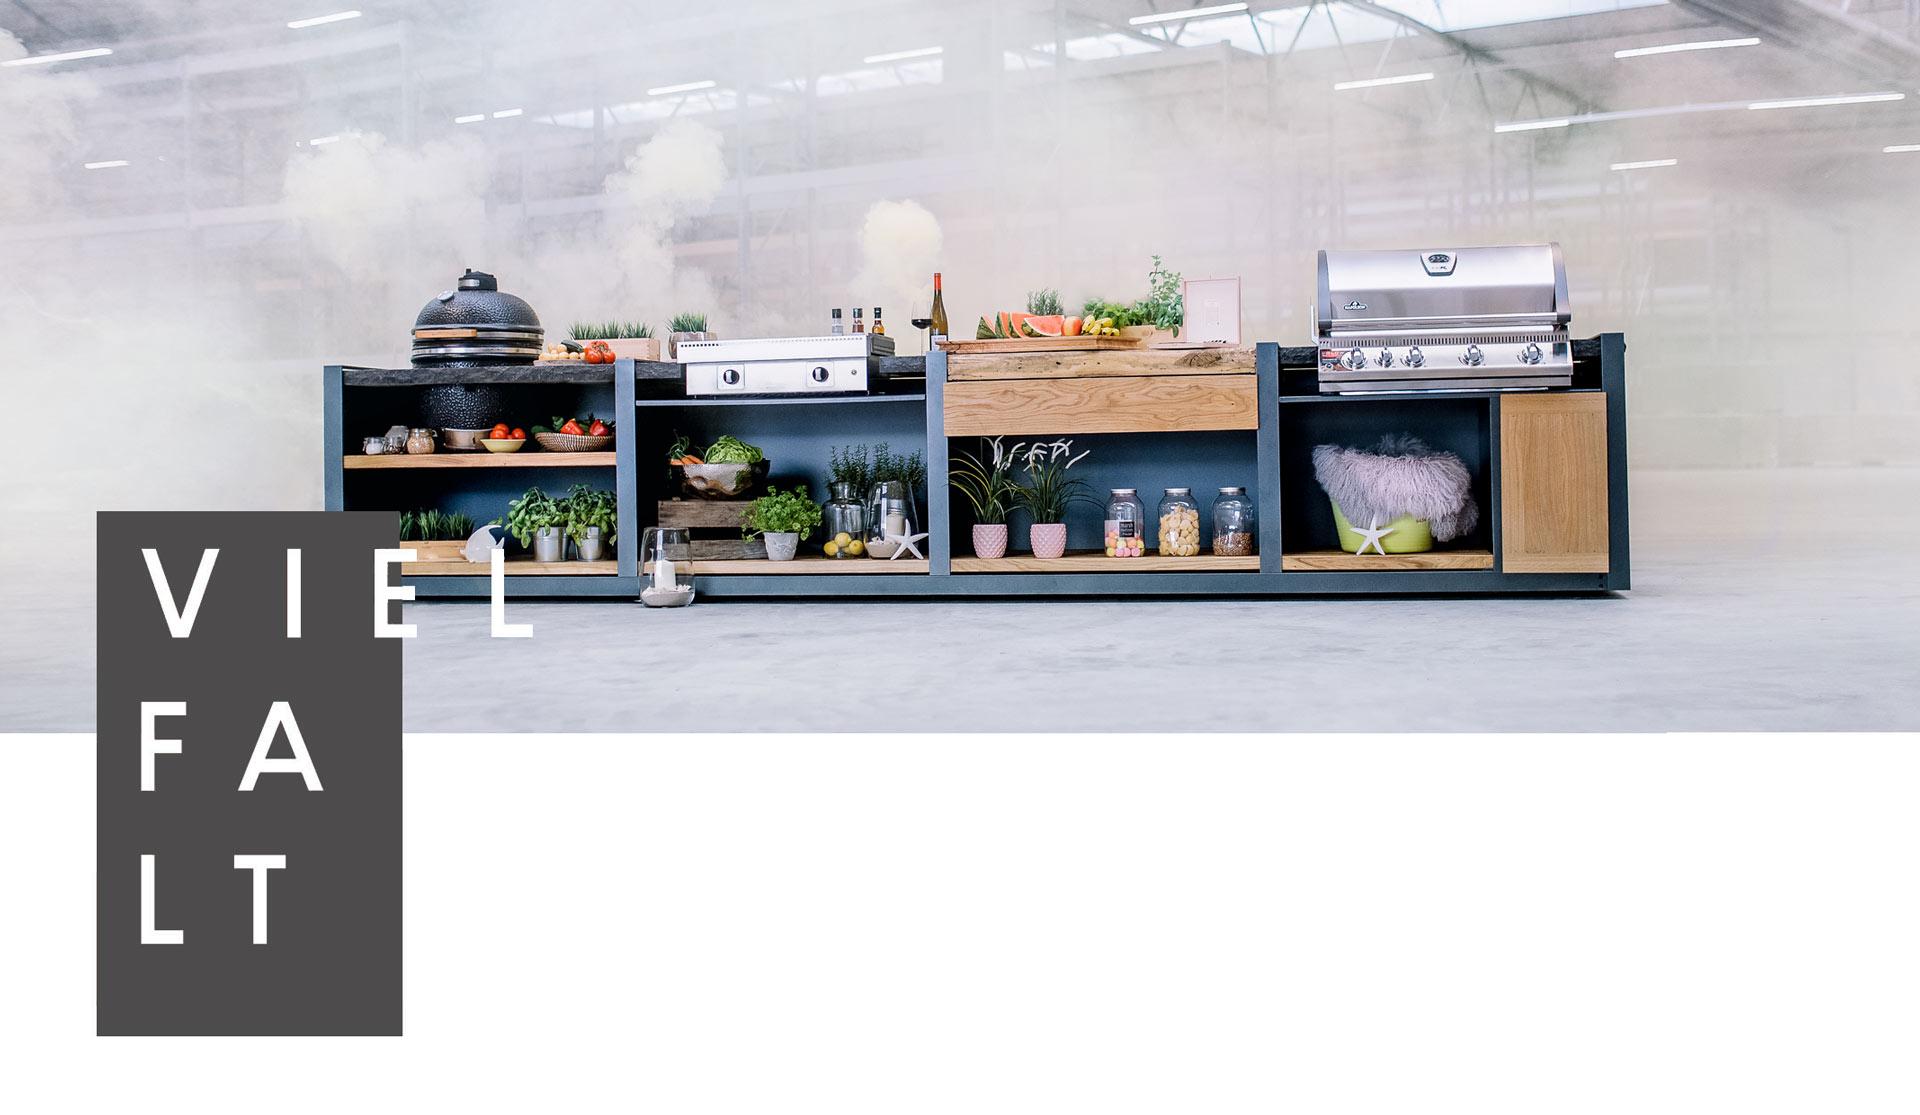 Oehler-outdoor-kitchen-vielfalt-home-pointer.jpg